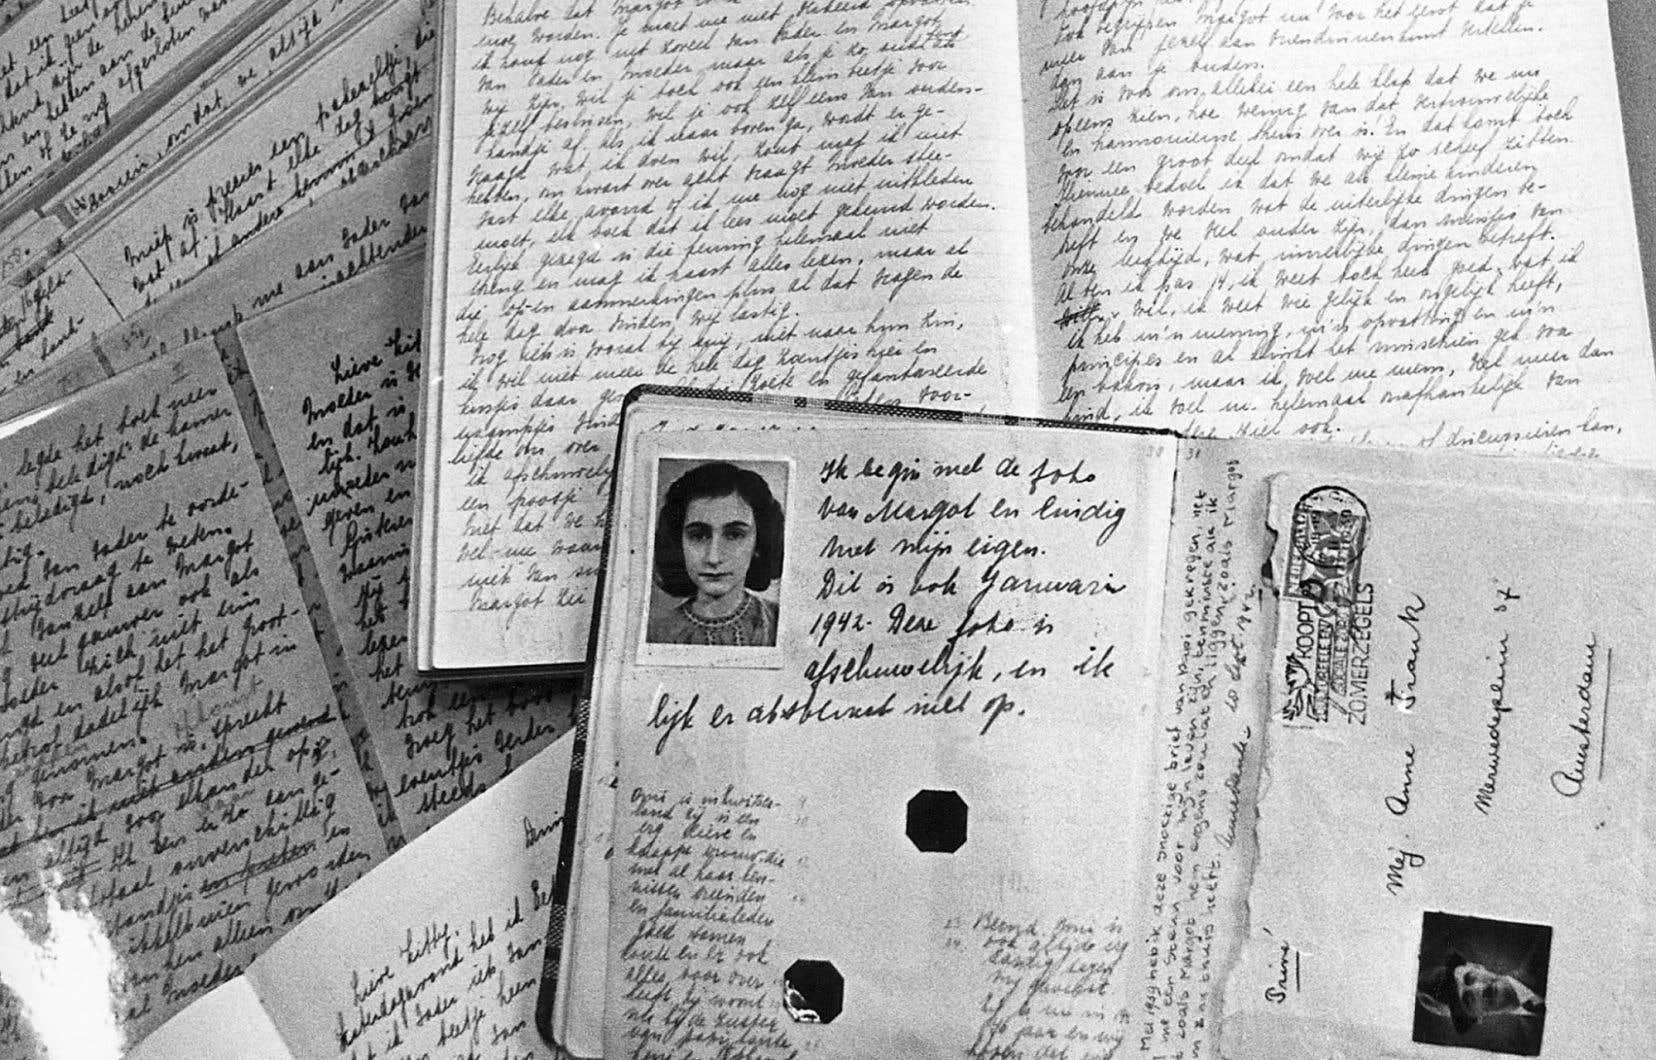 Le passeport d'Anne Frank posé sur des cahiers de son journal, qu'elle écrivit dans les combles de la maison d'Amsterdam entre juin1942 et le 4août 1944